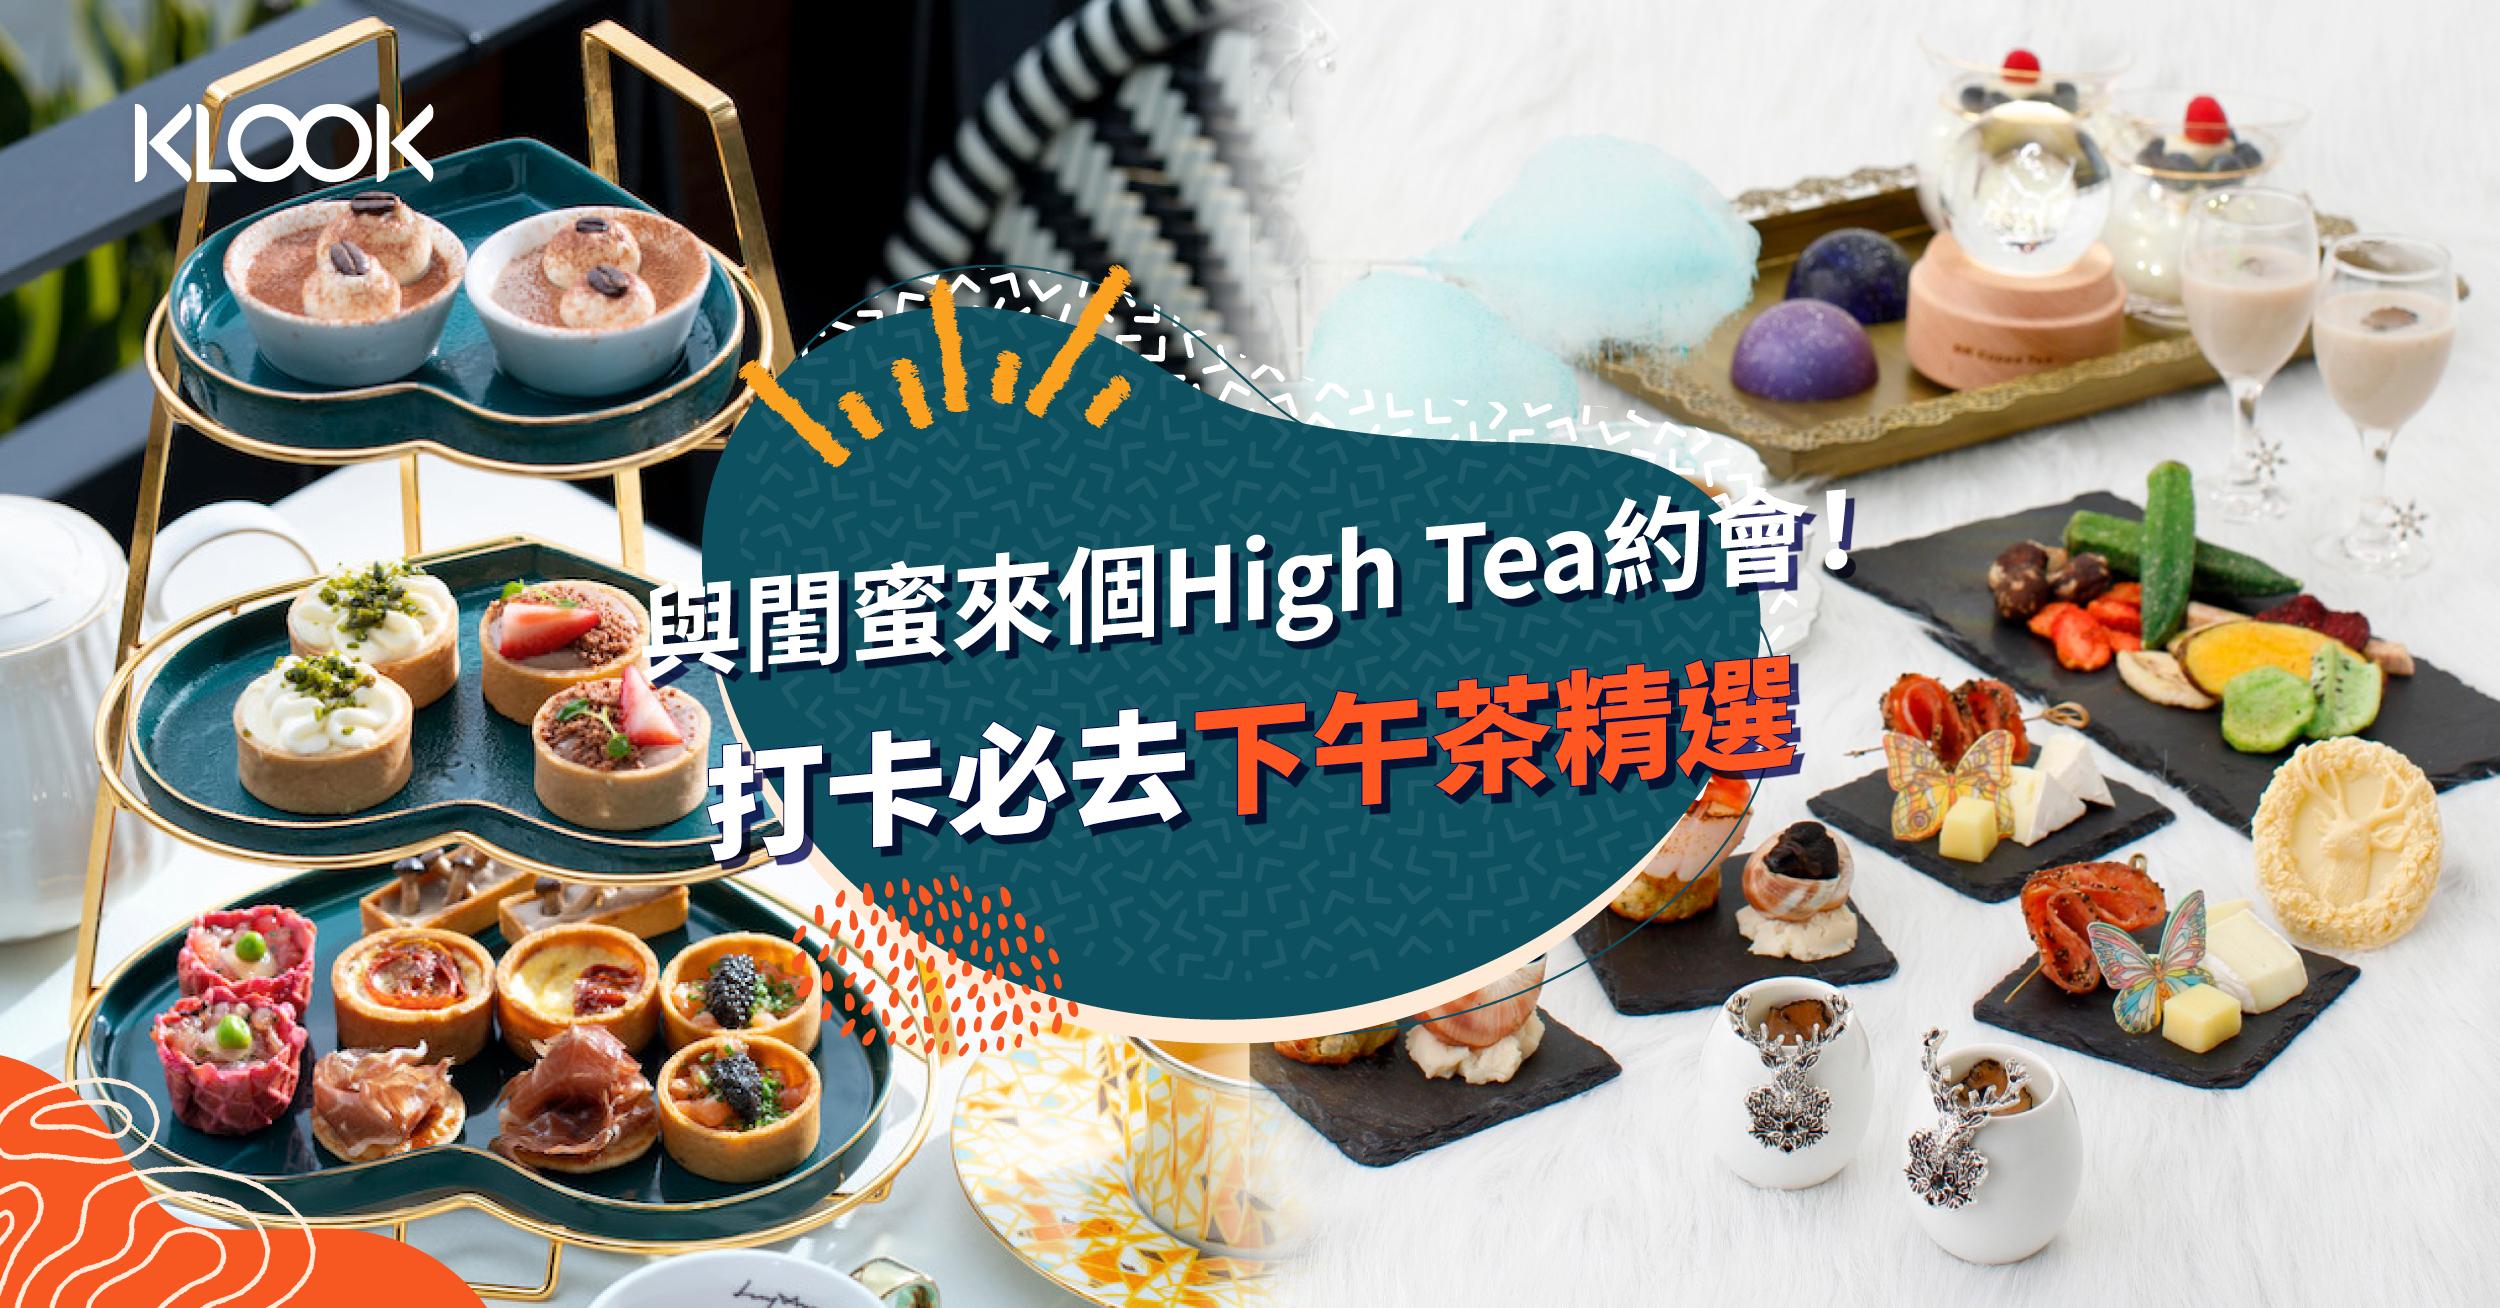 【下午茶2020】5大打卡必去精緻下午茶 與閨蜜來個High Tea約會!